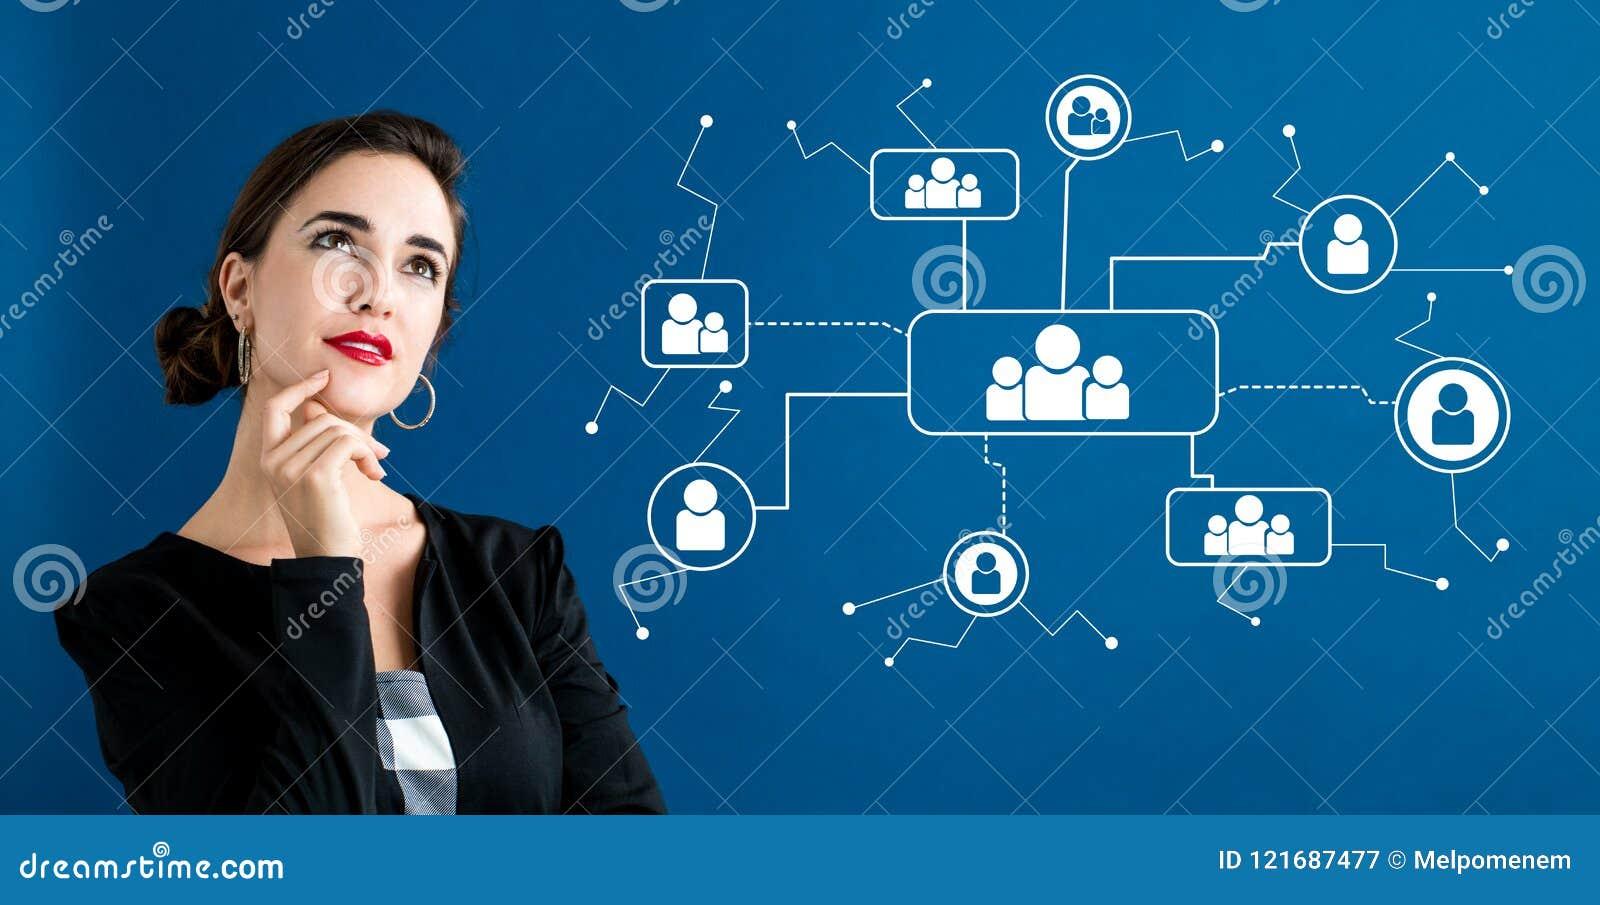 Социальные соединения с бизнес-леди